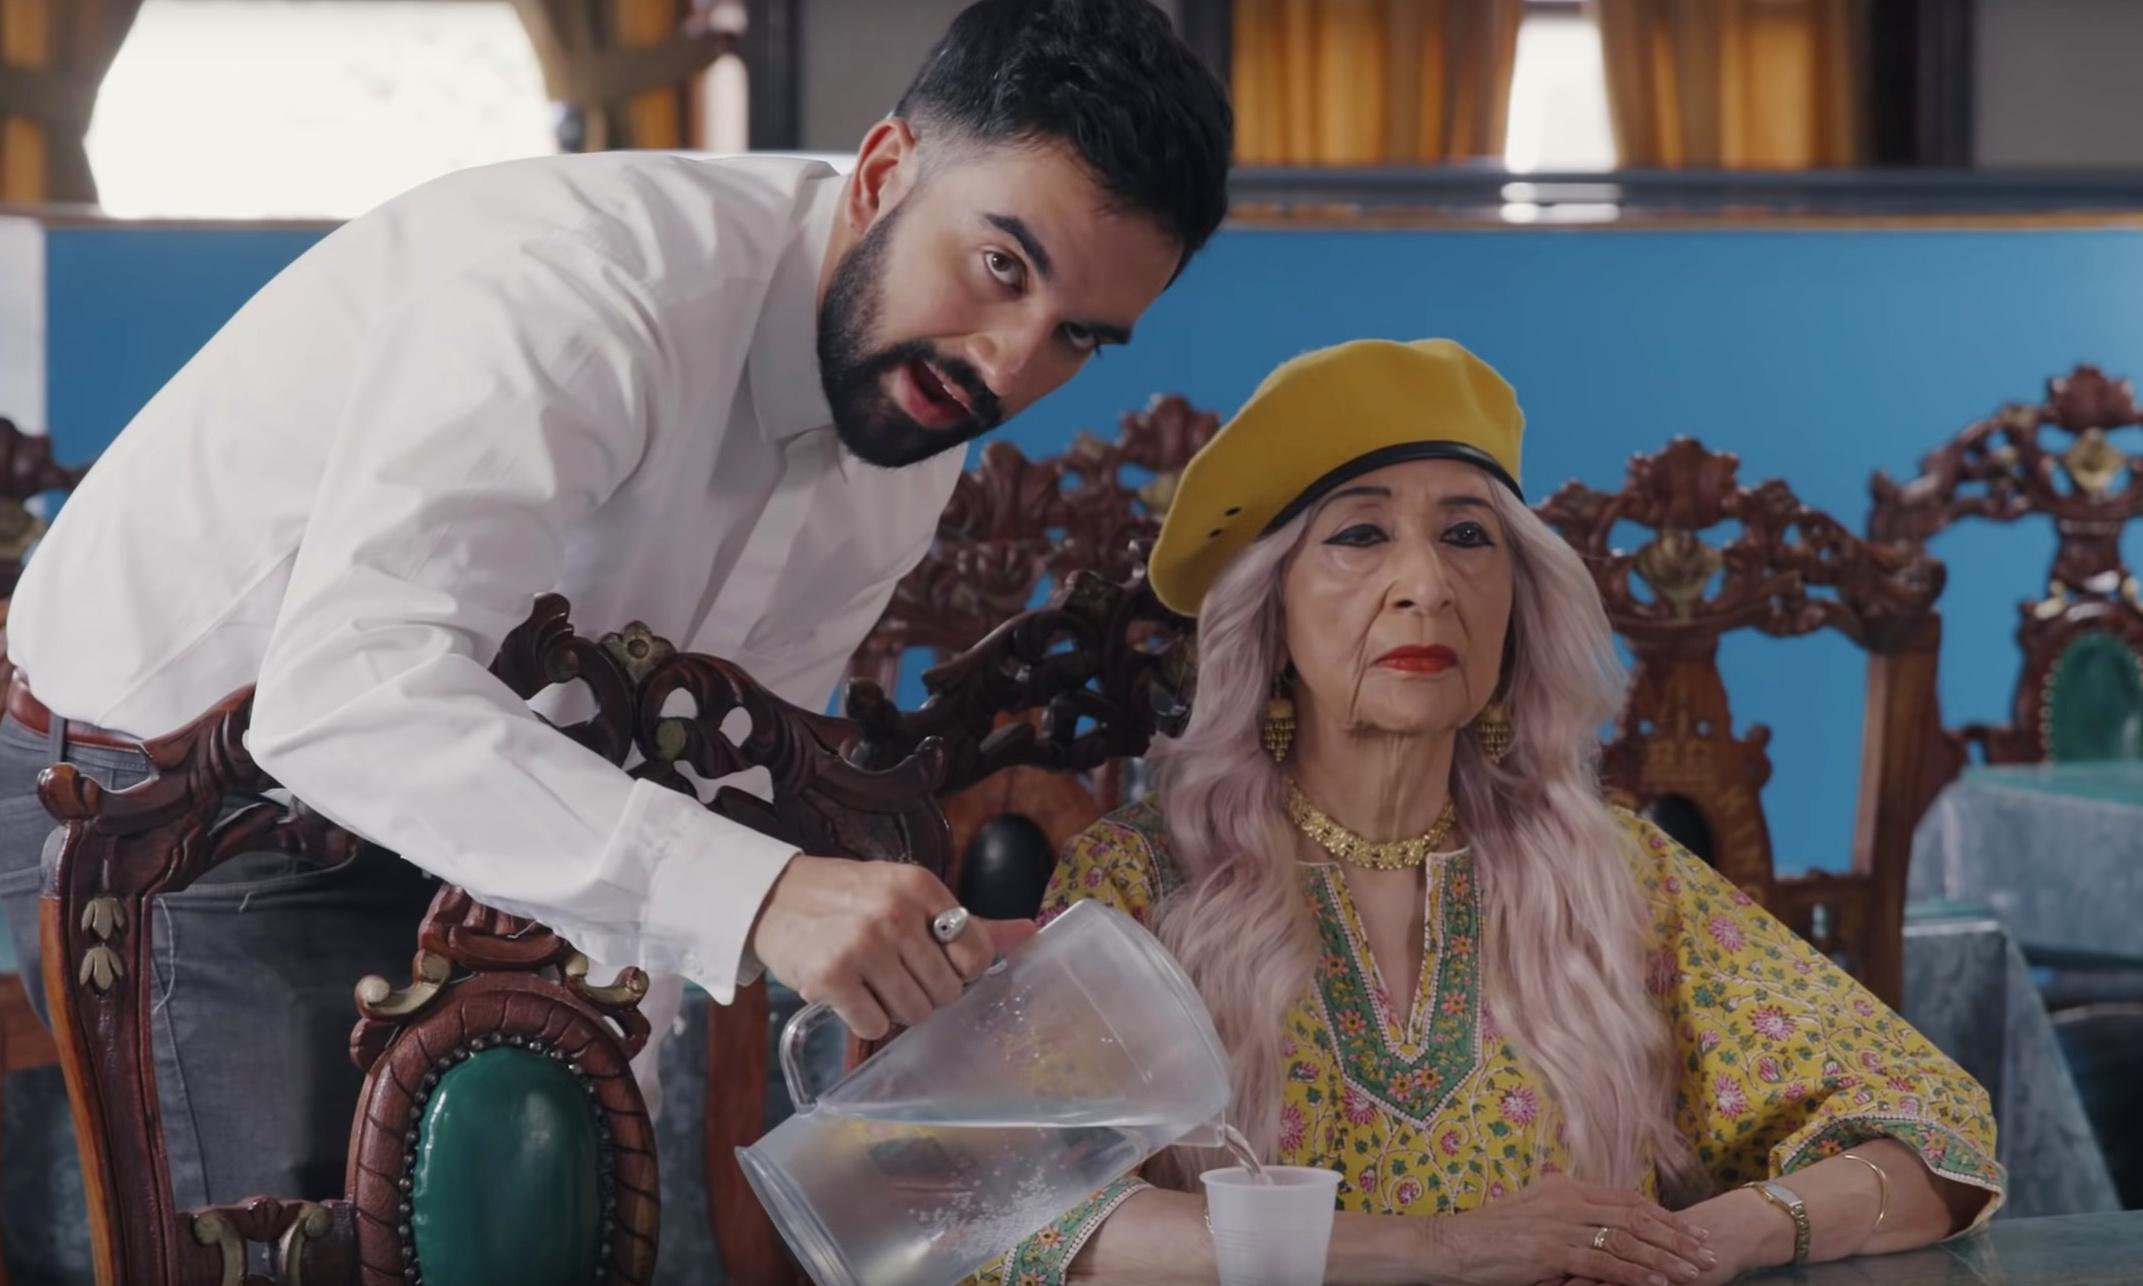 How Mr Cardamom convinced 85-year-old Madhur Jaffrey to swear